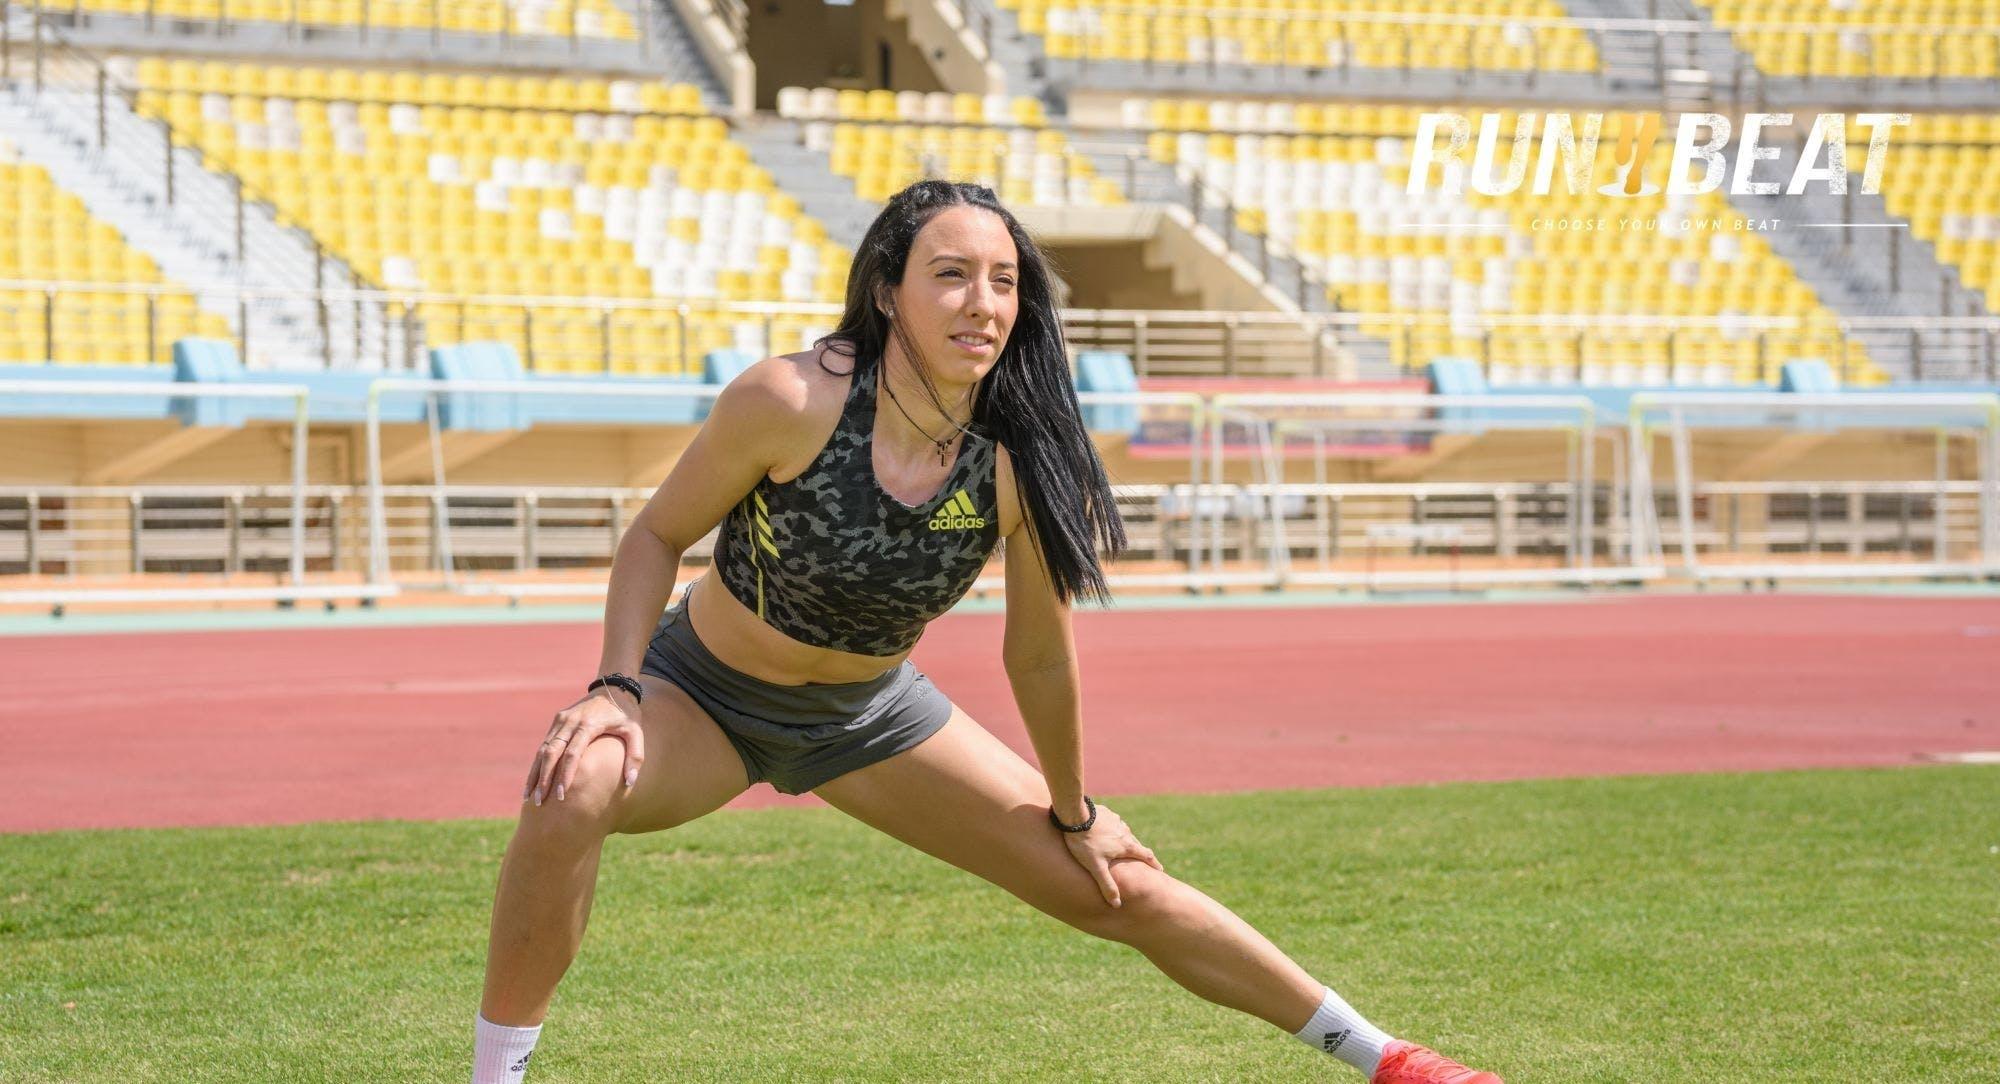 Μαρία Μπελιμπασάκη: «Δε θέλω να μετατρέψουν το στίβο σε άθλημα για λίγους» (Μέρος 2ο)